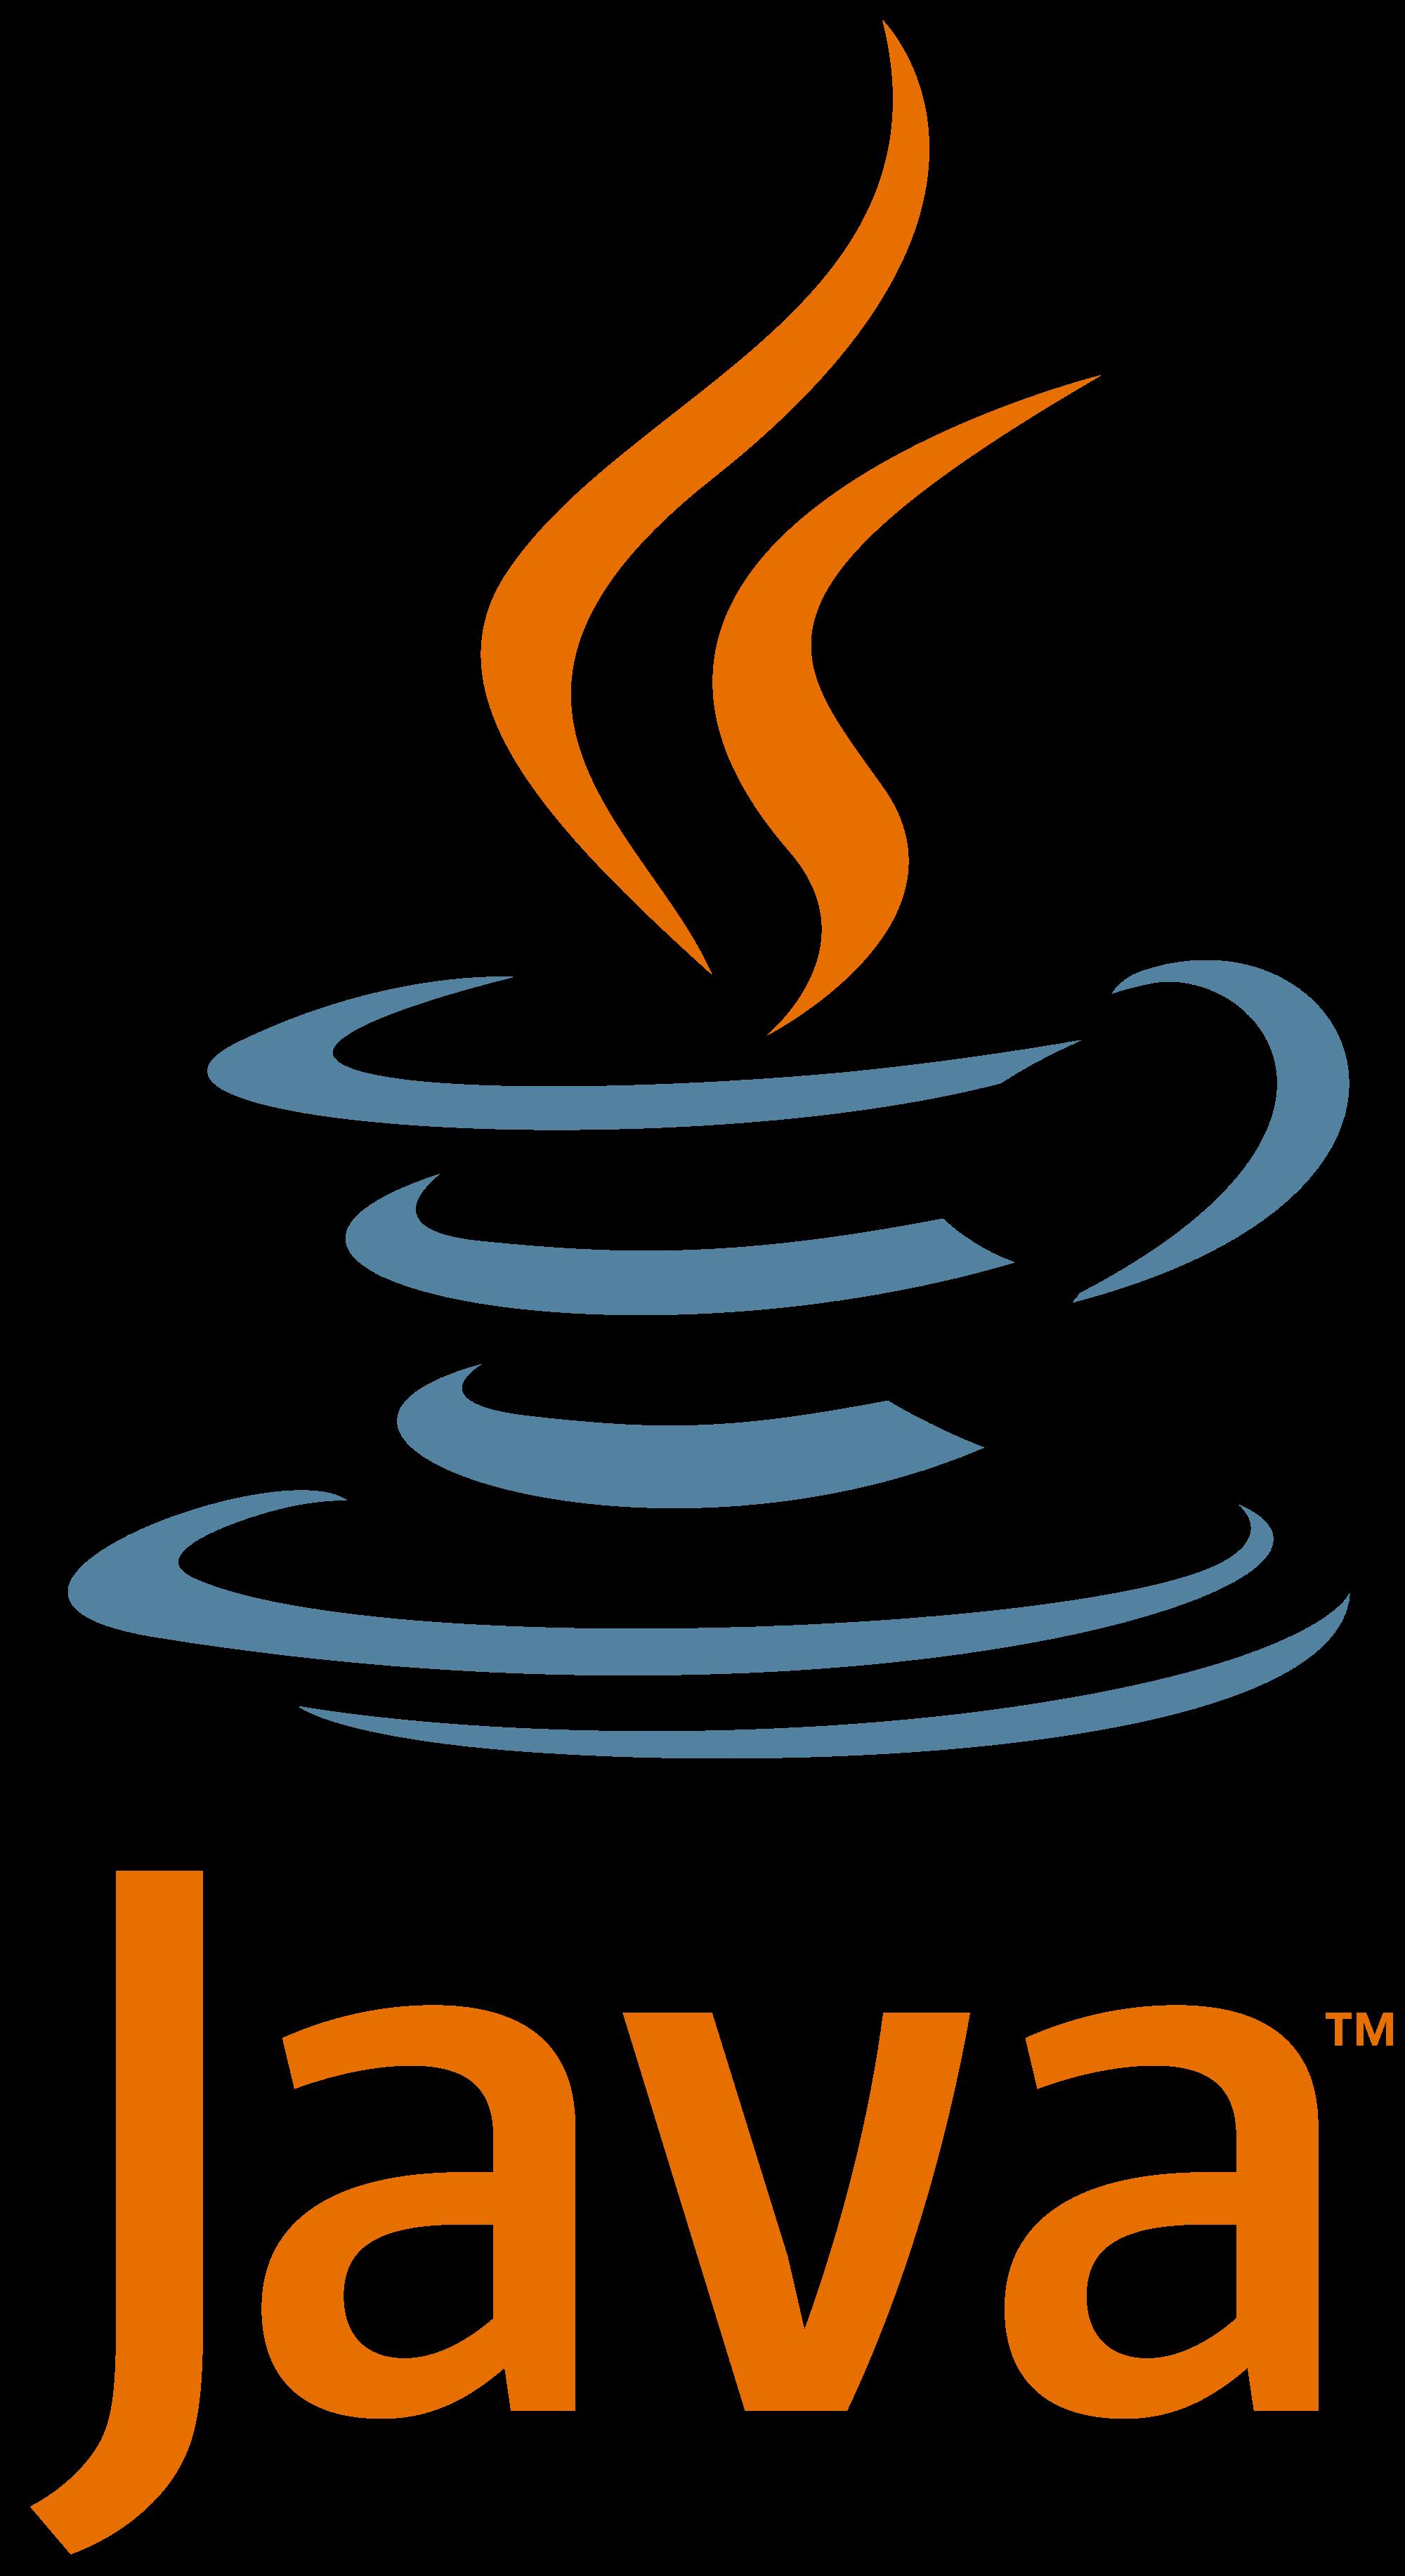 پرطرفدارترین زبان برنامه نویسی ,زبان های برنامه نویسی پرطرفدار , برنامه نویسی c , بهترین زبان برنامه نویسی